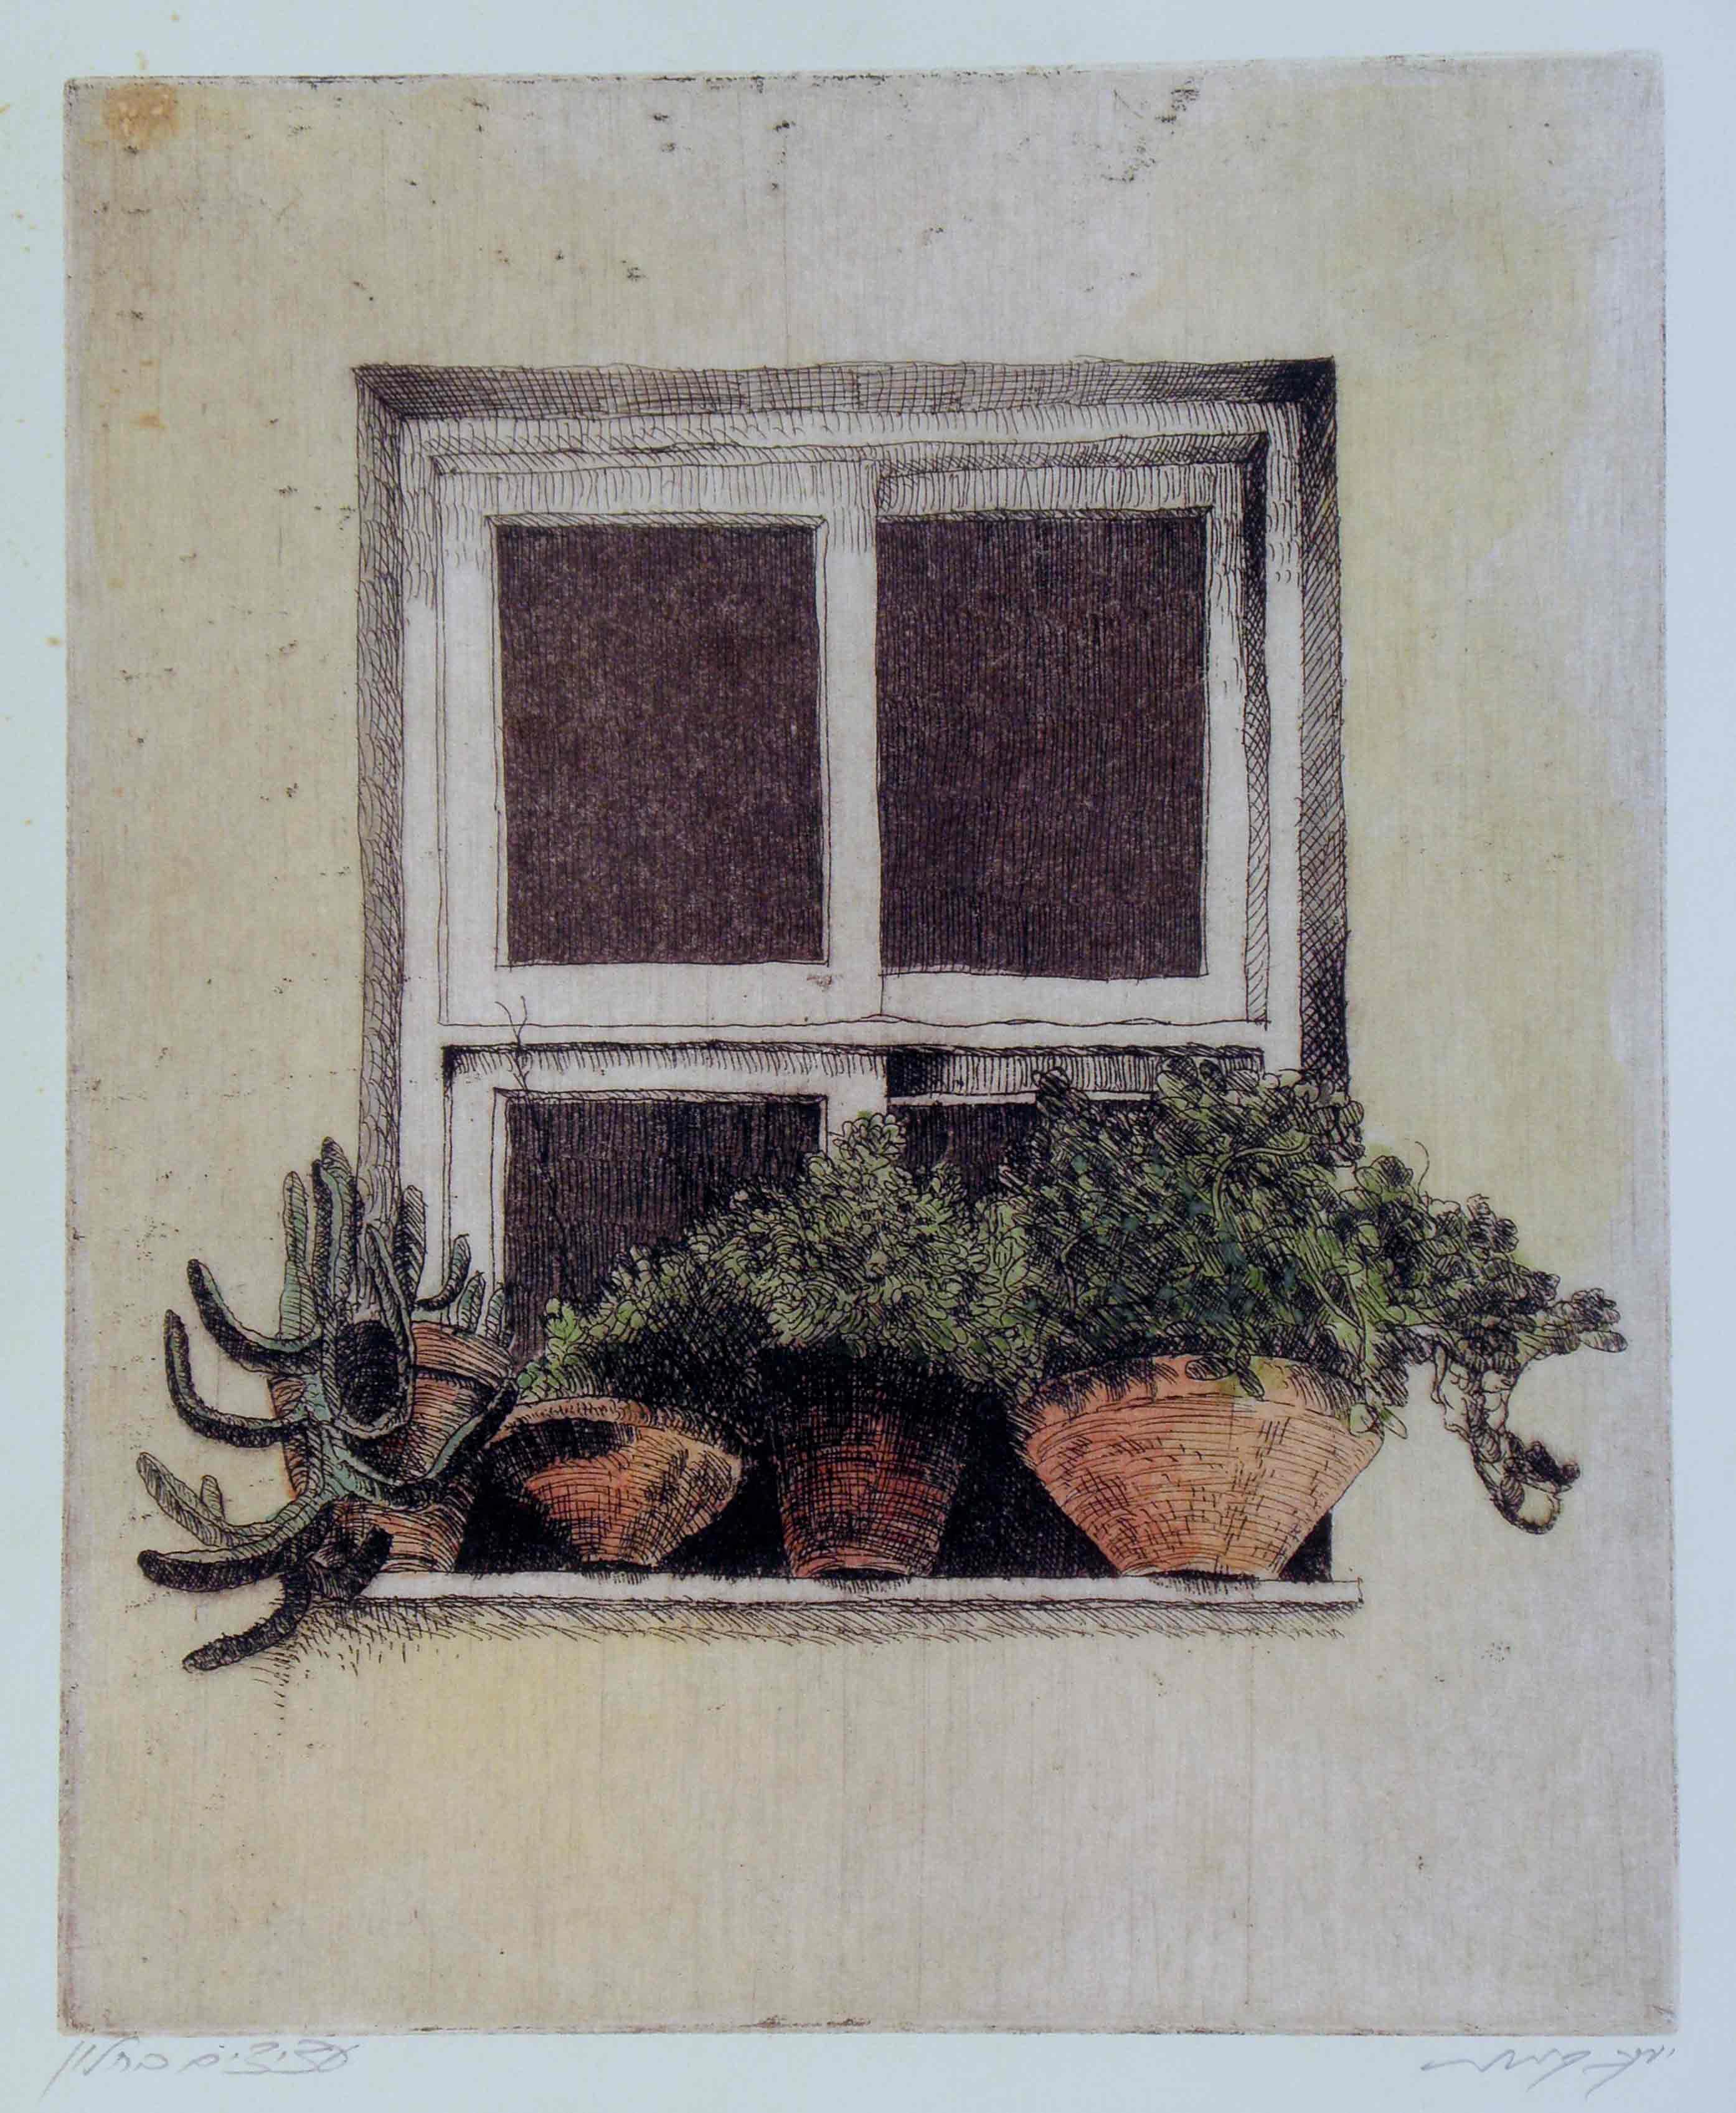 עציצים בחלון